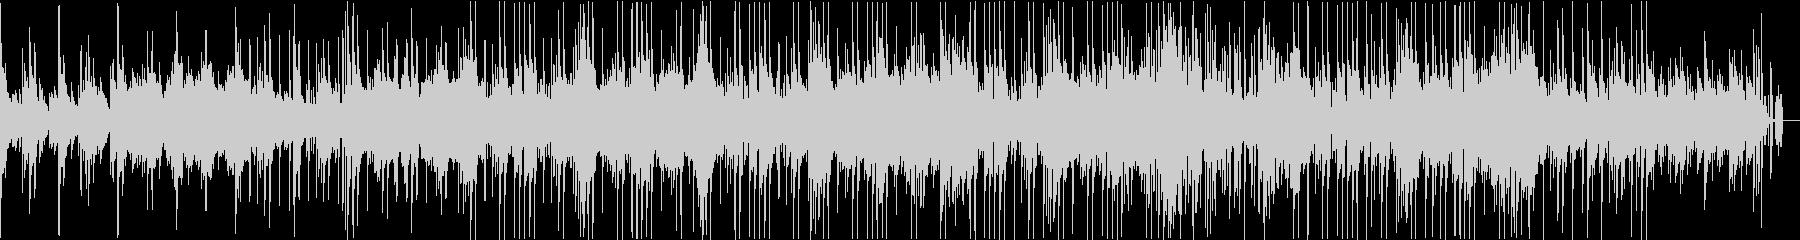 ピアノを基調としたアンビエントサウンドの未再生の波形